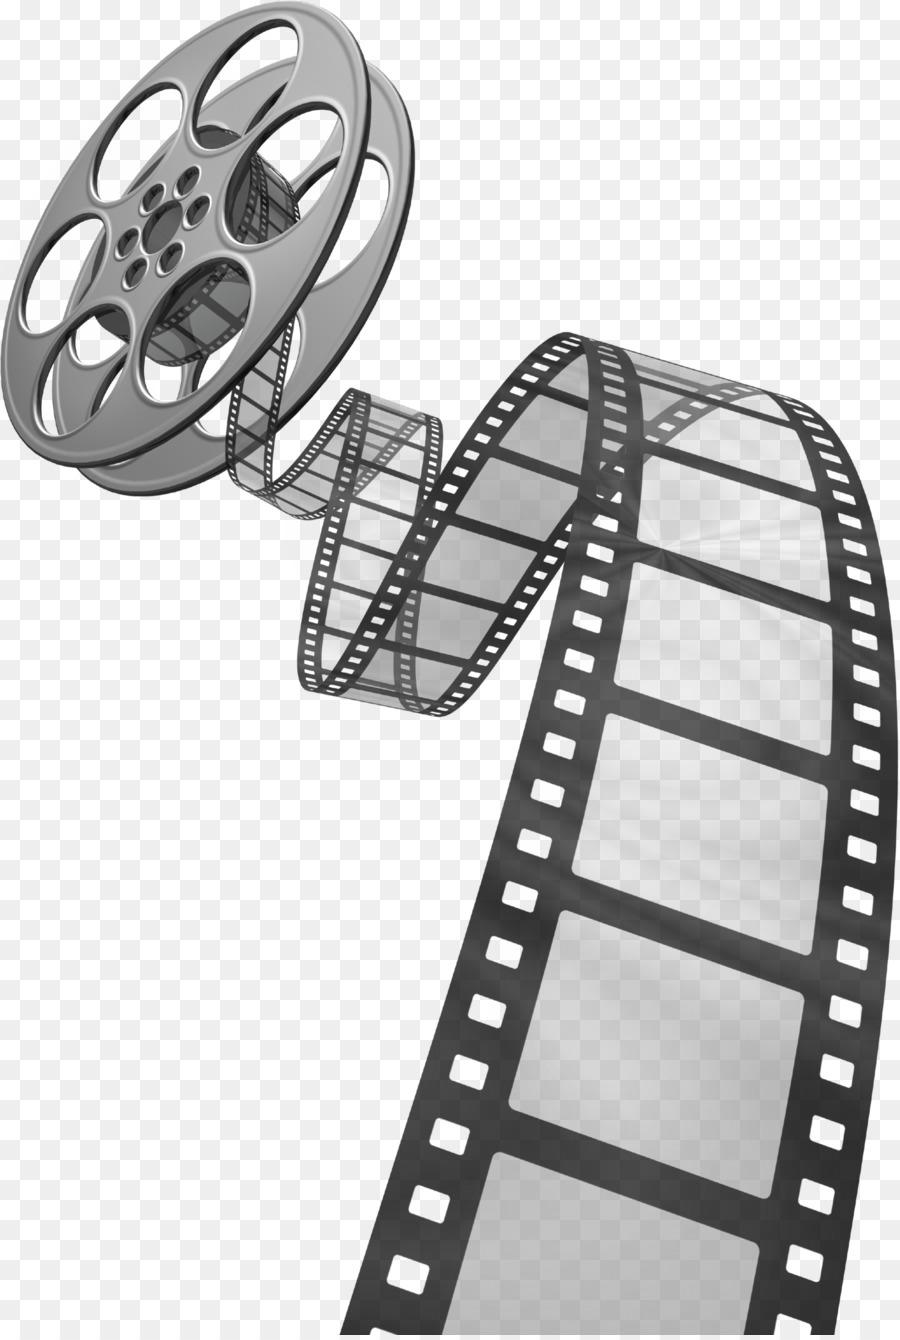 Movie Film Reel Png & Free Movie Film Reel.png Transparent Images.